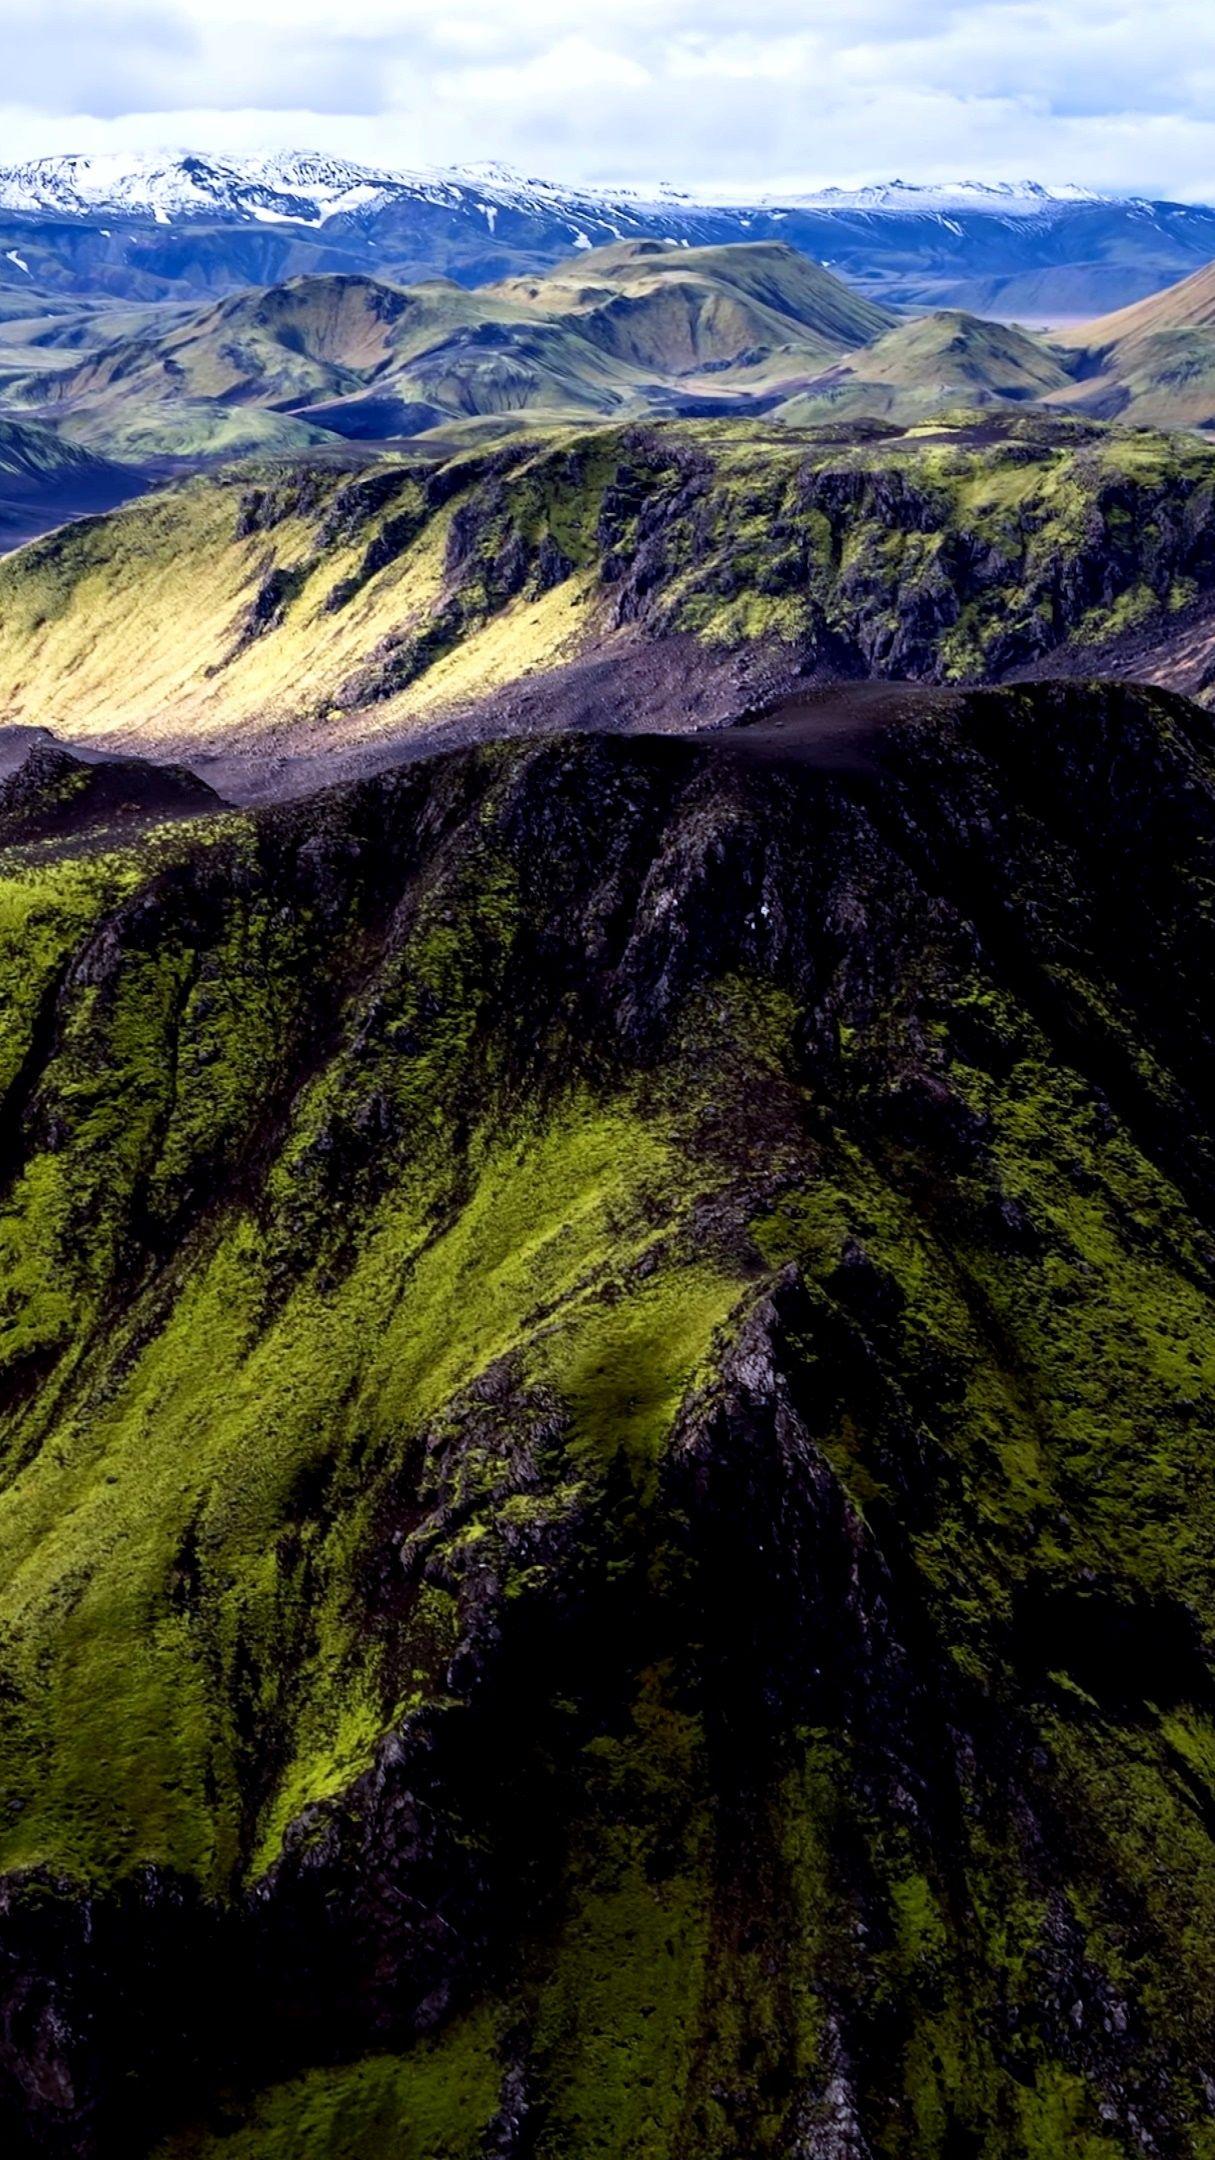 Iceland Landscape 4K UltraHD Wallpaper - backiee